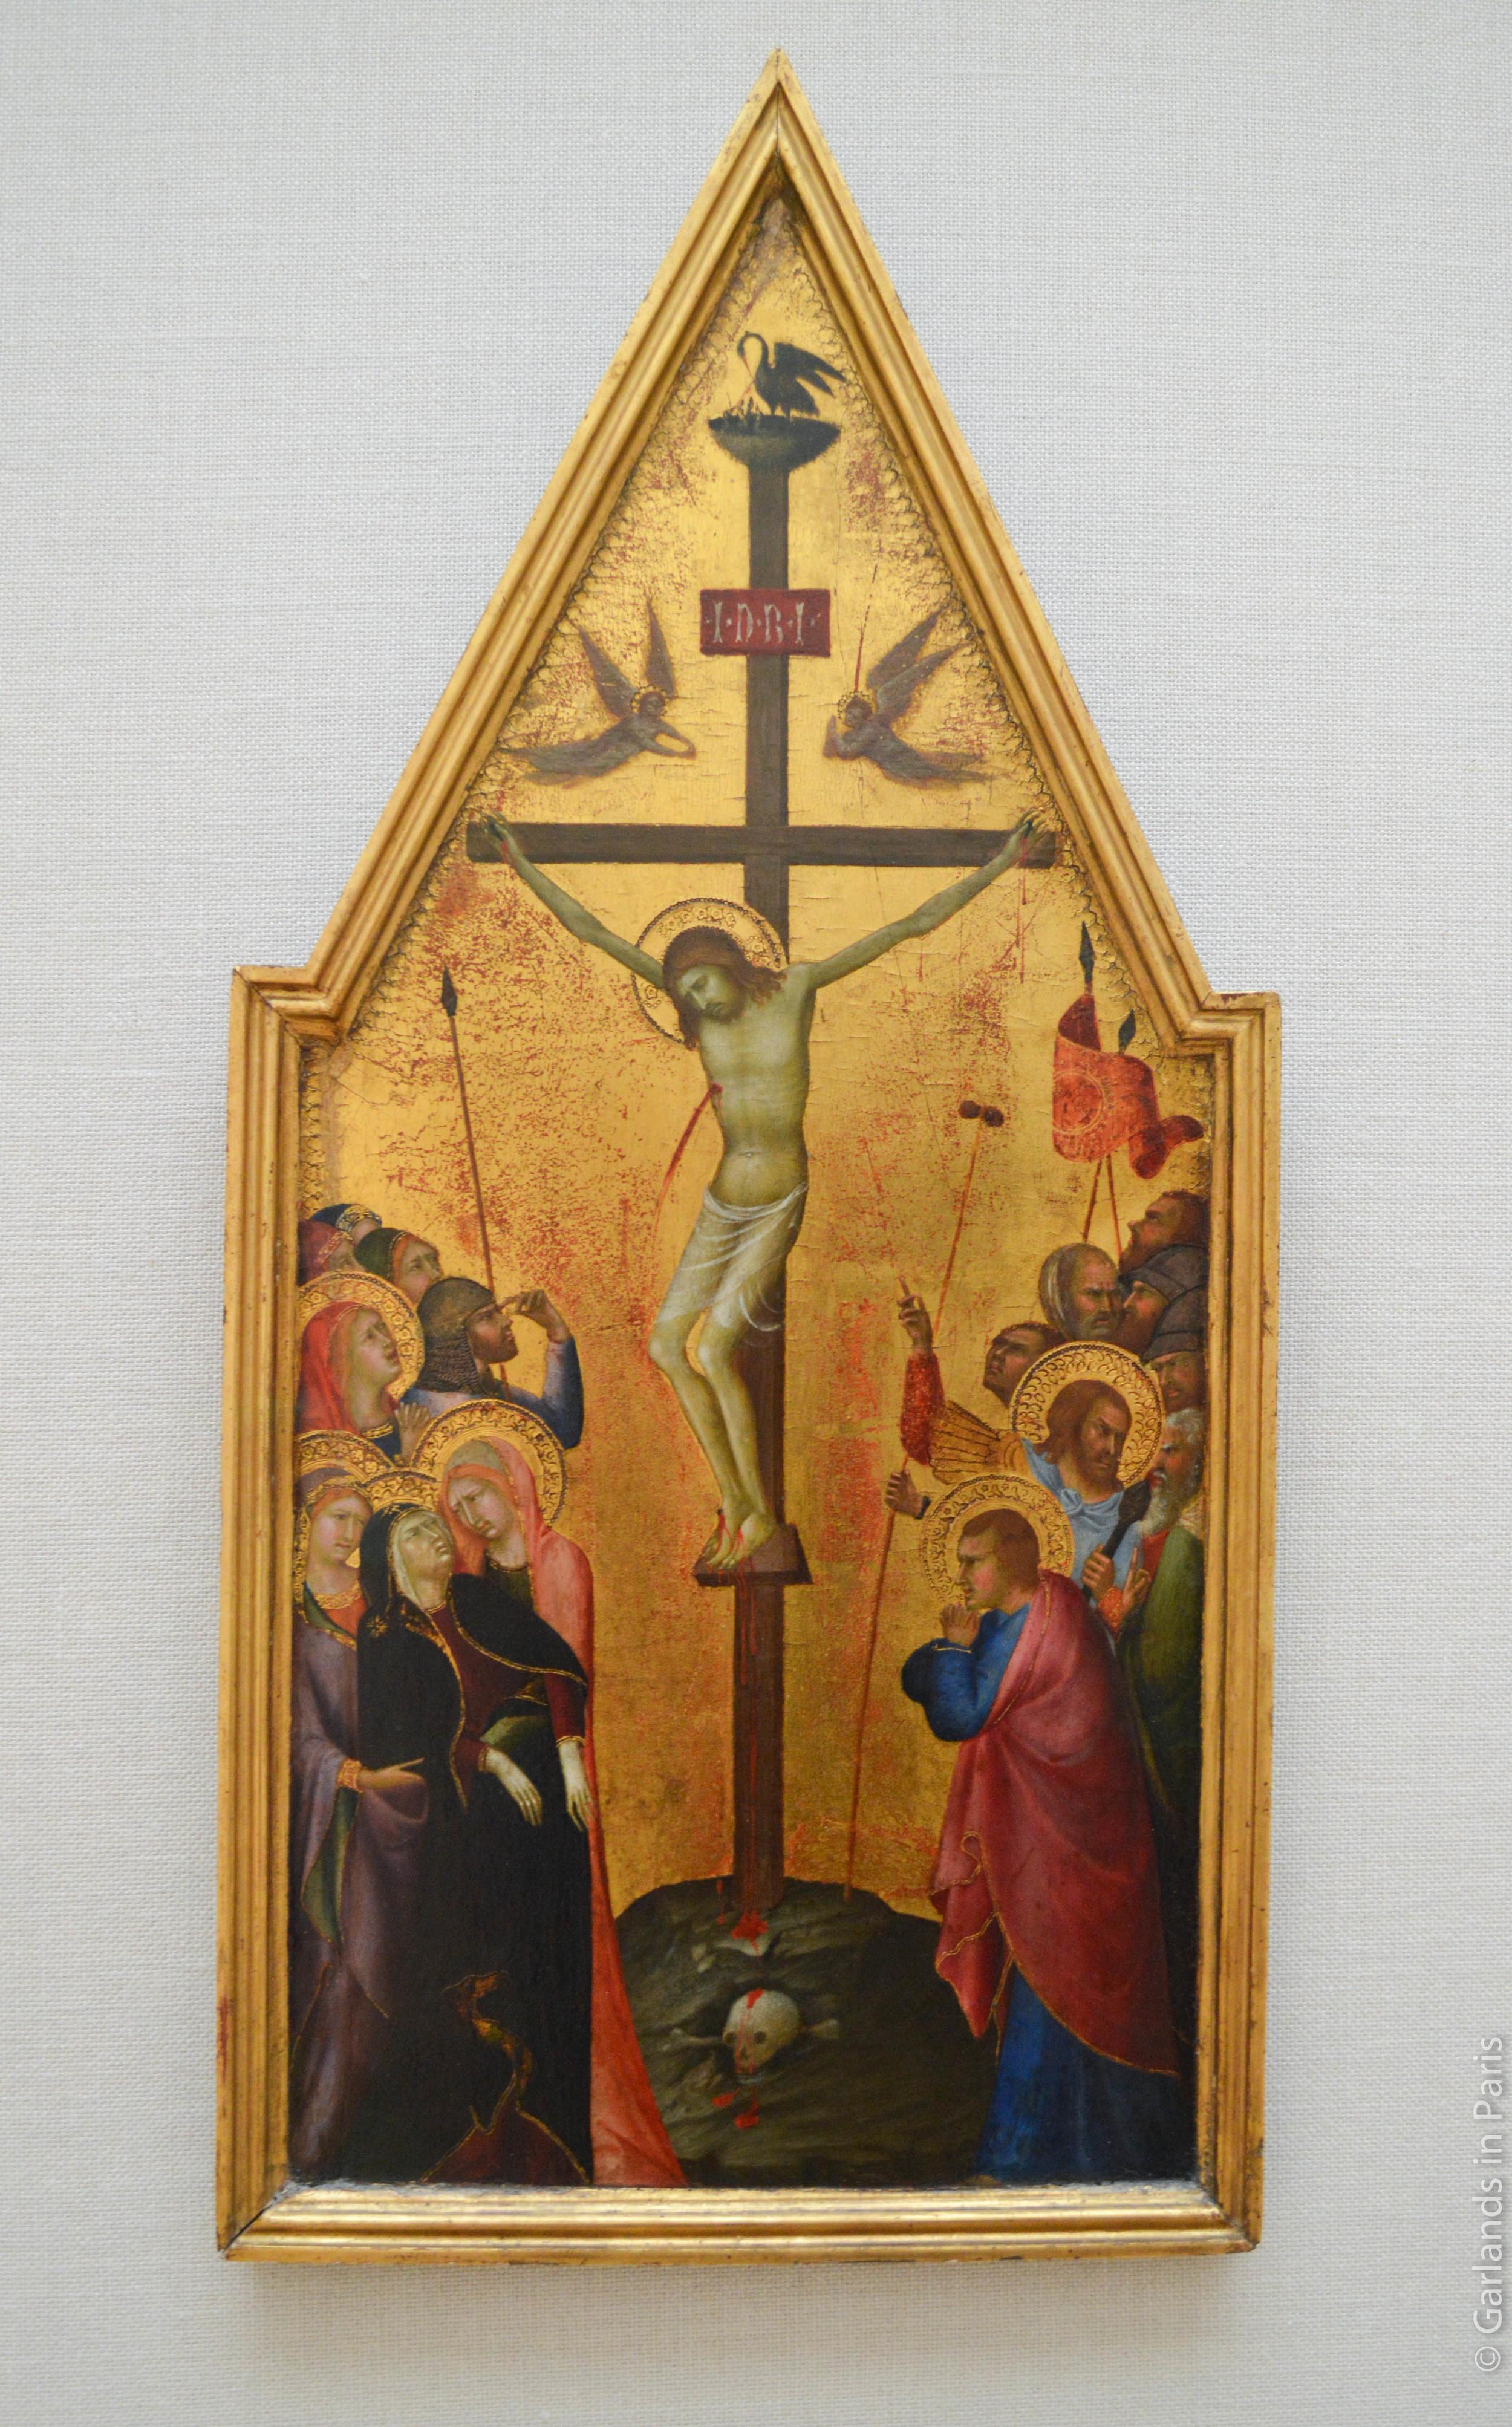 Crucifixion, Musée du Louvre, Paris